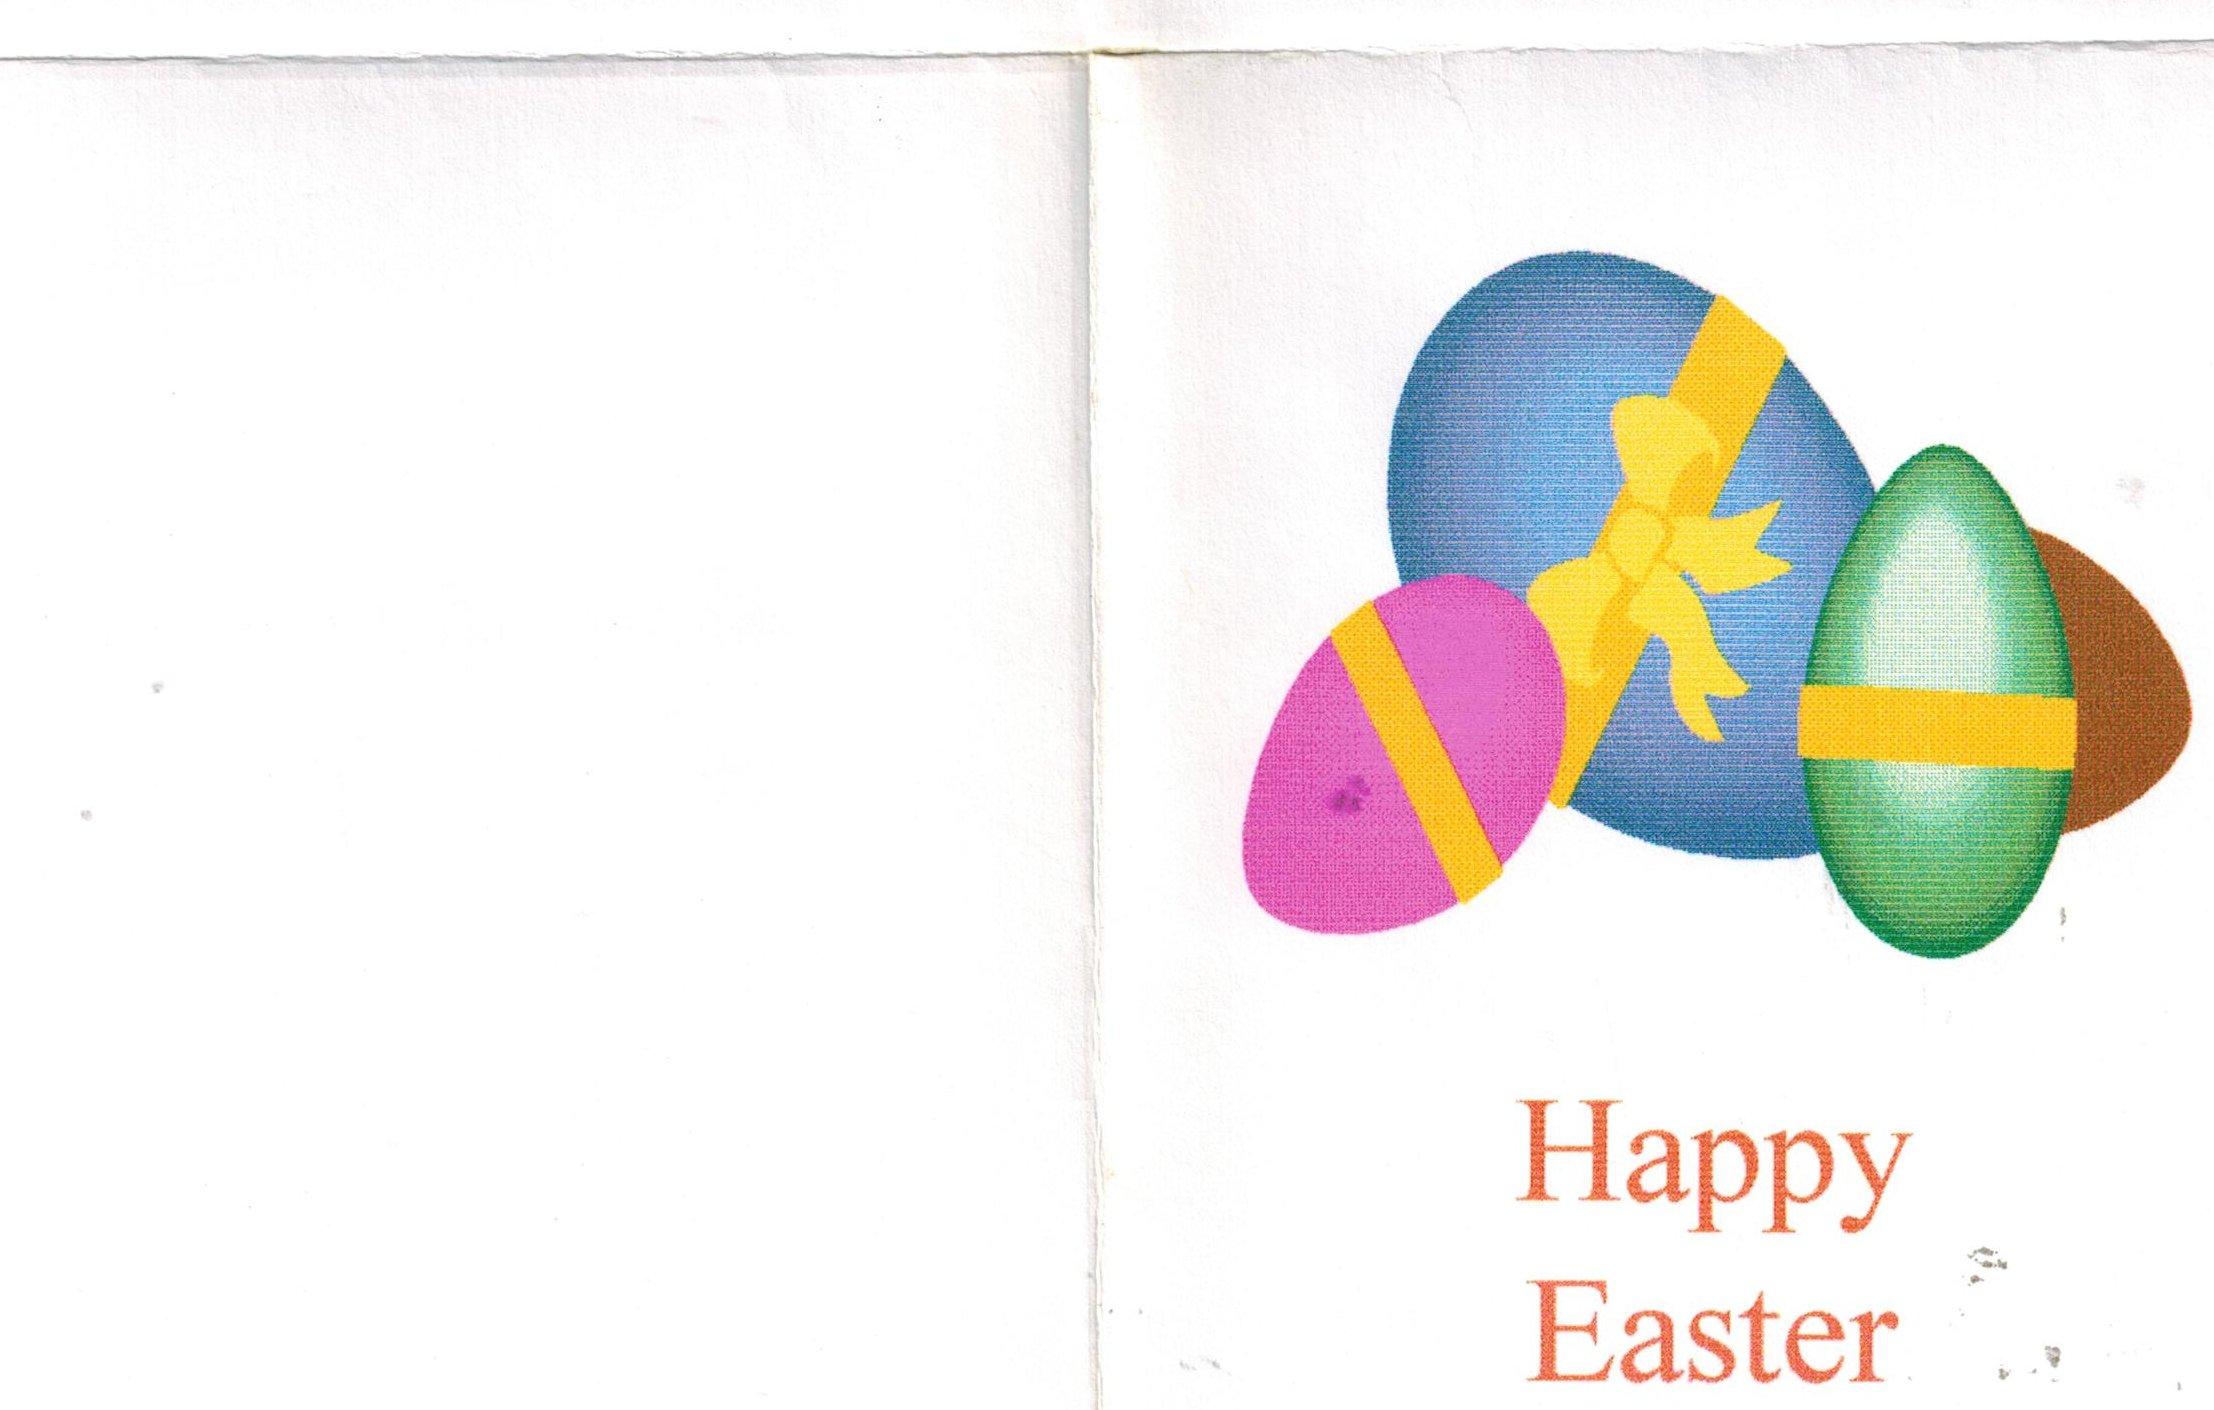 N026a_Easter-1998